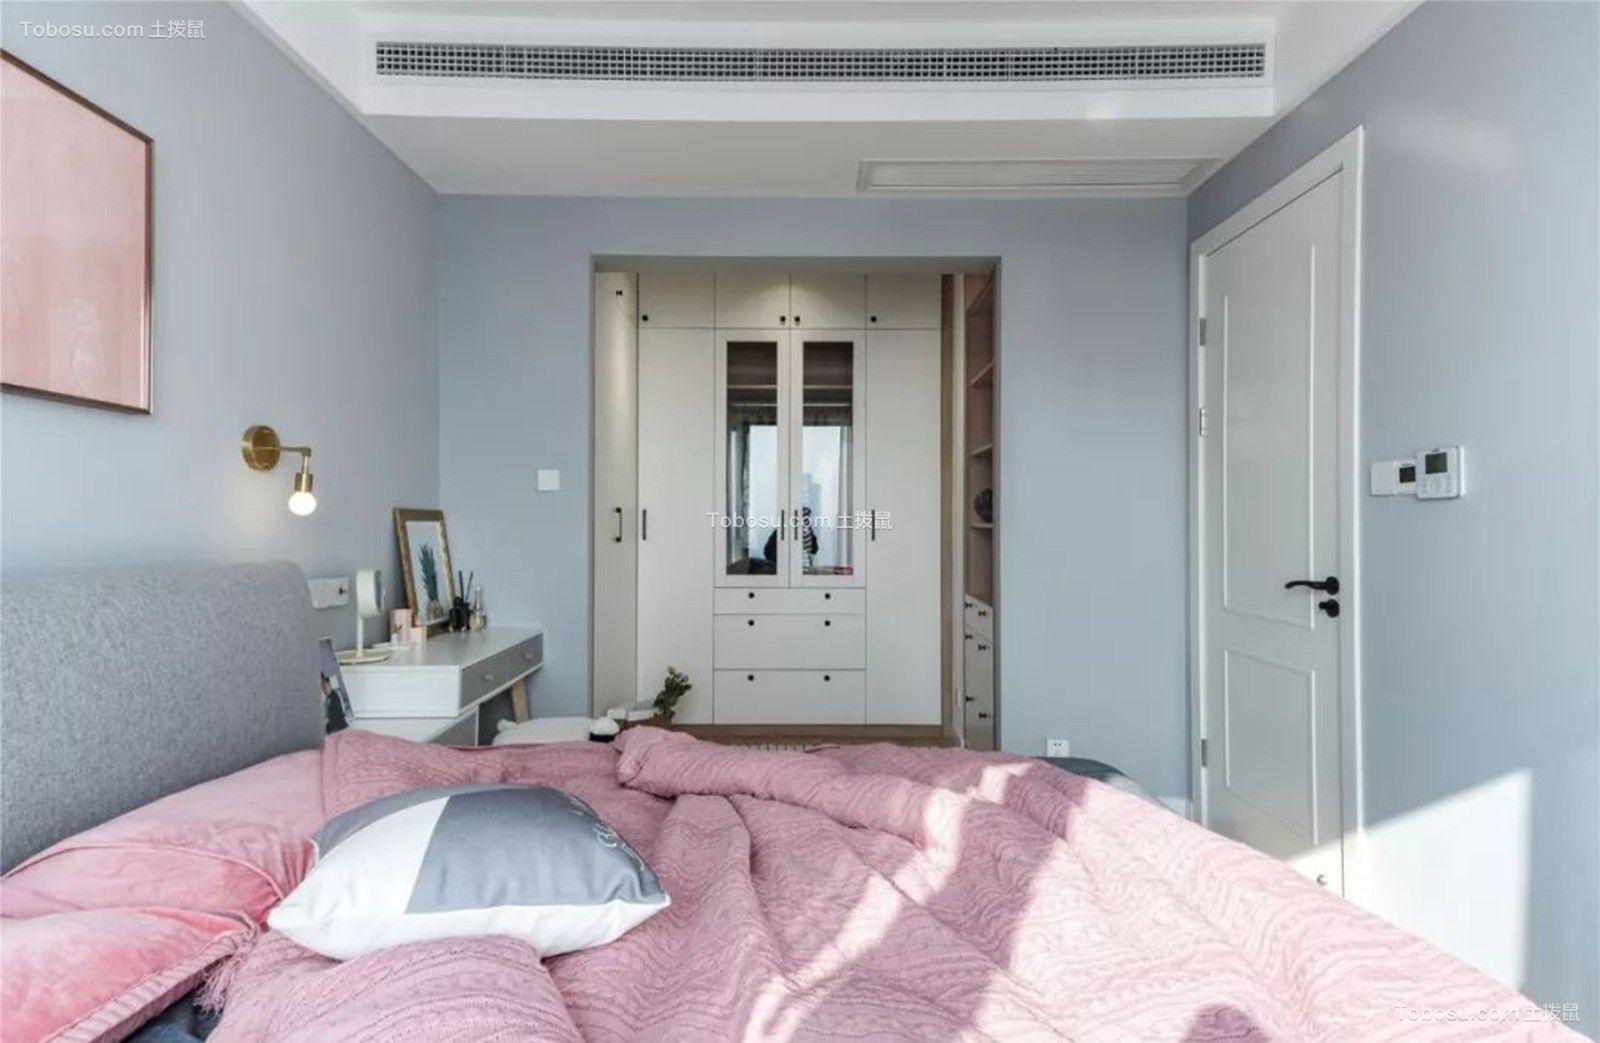 省委家属院  138㎡清新北欧3室2厅,简约而舒适的生活格调!